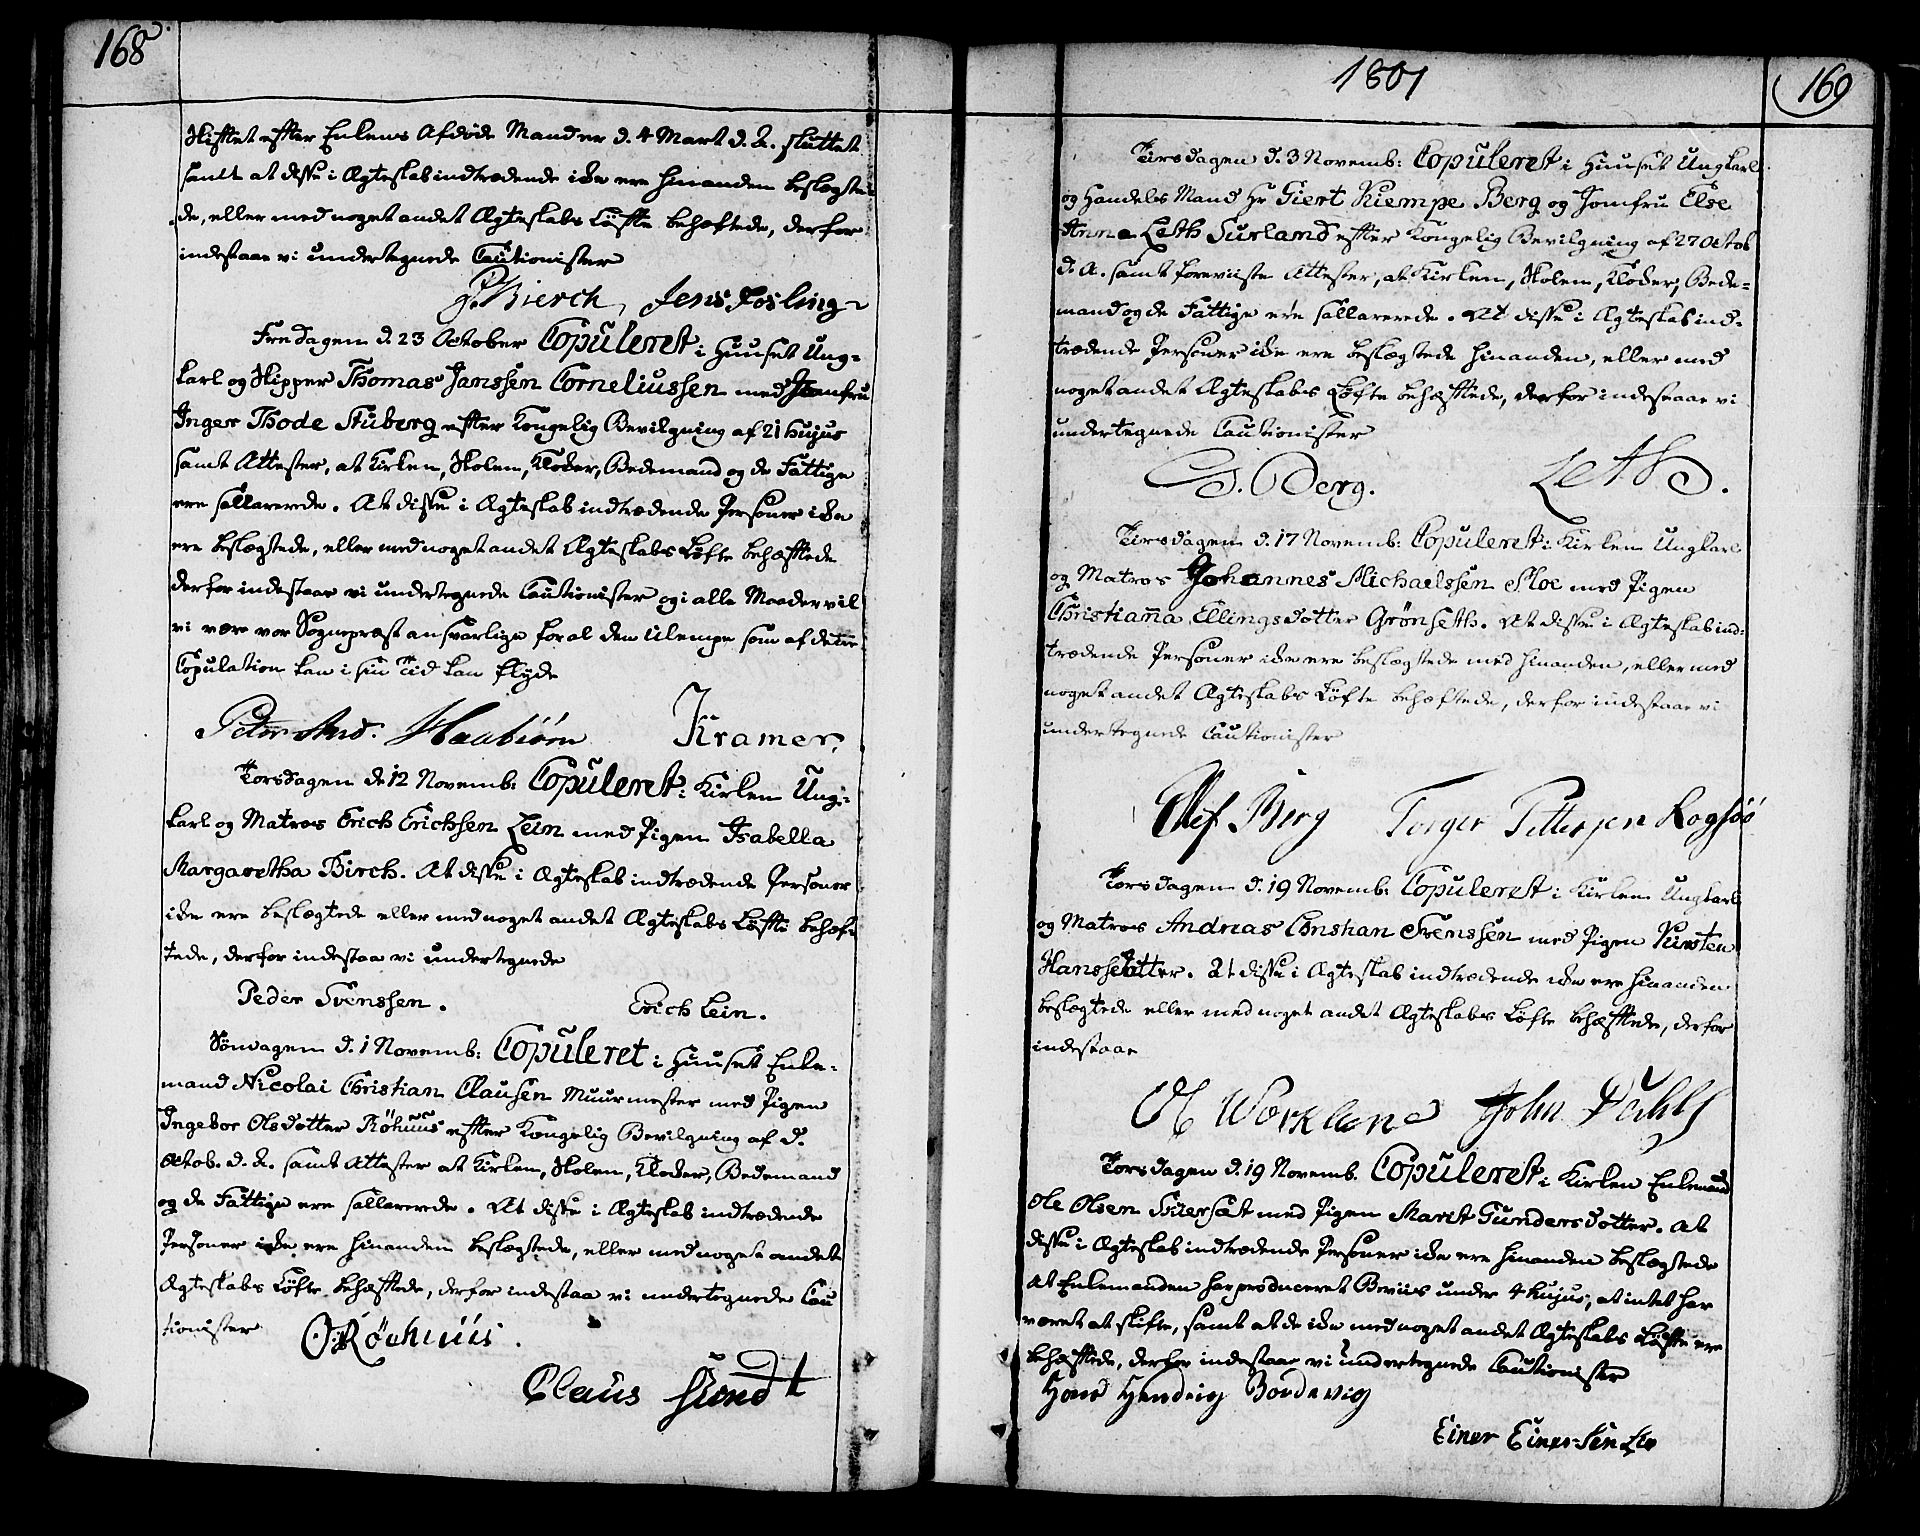 SAT, Ministerialprotokoller, klokkerbøker og fødselsregistre - Sør-Trøndelag, 602/L0105: Ministerialbok nr. 602A03, 1774-1814, s. 168-169